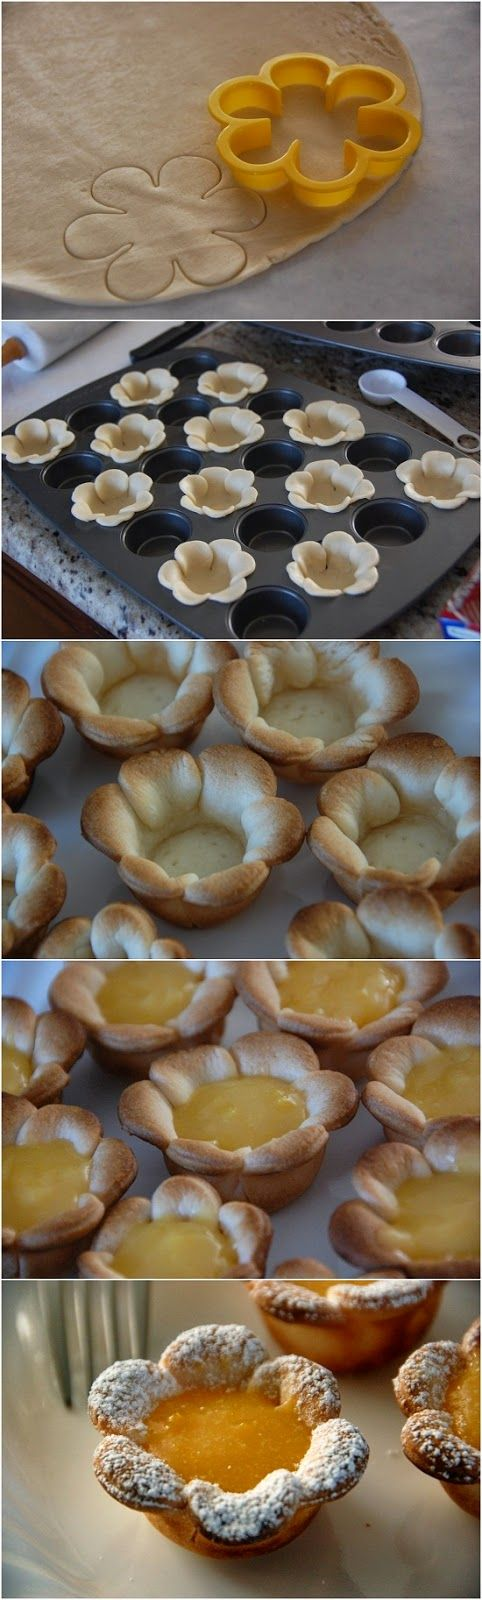 2.bp.blogspot.com -hw8ZQGdHuts VKj5TUKSZVI AAAAAAAAAgY QZ5QACjvLoQ s1600 Flower-shaped-Mini-Lemon-Curd-Tarts.jpg